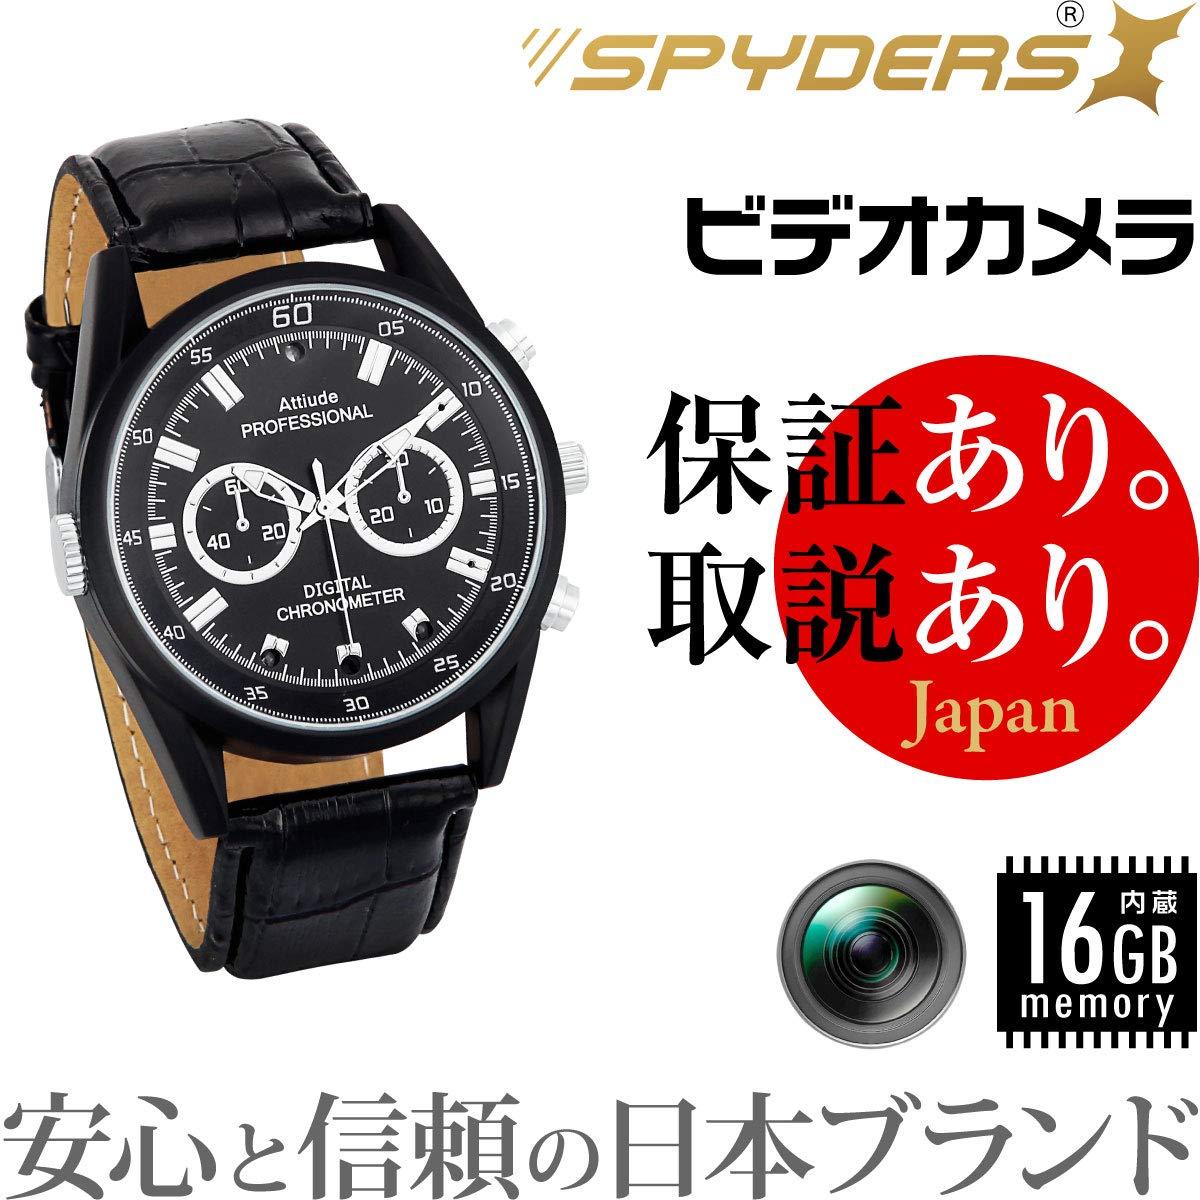 【本日特価】 スパイダーズX 腕時計型カメラ (W-795) 小型カメラ スパイカメラ スパイダーズX (W-795) 腕時計型カメラ 革バンド B00OLB9Q9A, ヤワタシ:a8f3a9d9 --- obara-daijiro.com